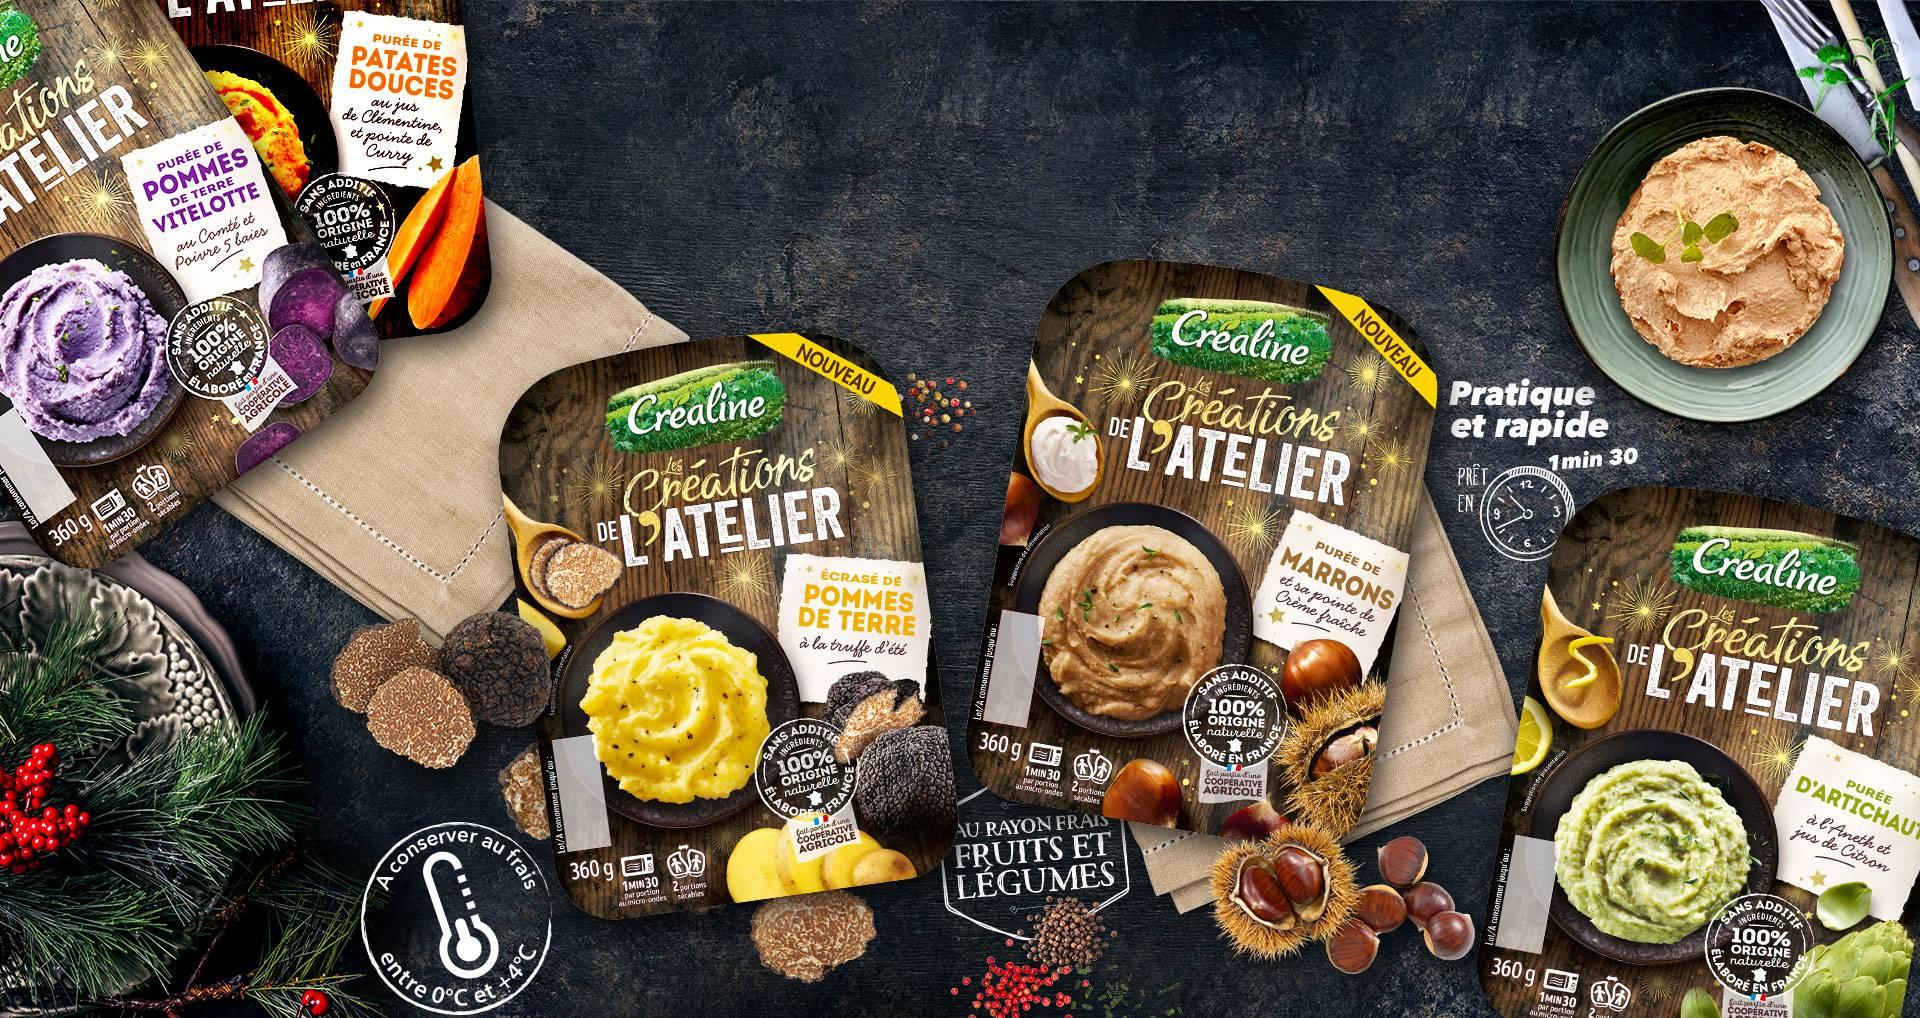 Purées festives Créaline : écrasé de pommes de terre à la truffe, purée de marrons, purée d'artichaut